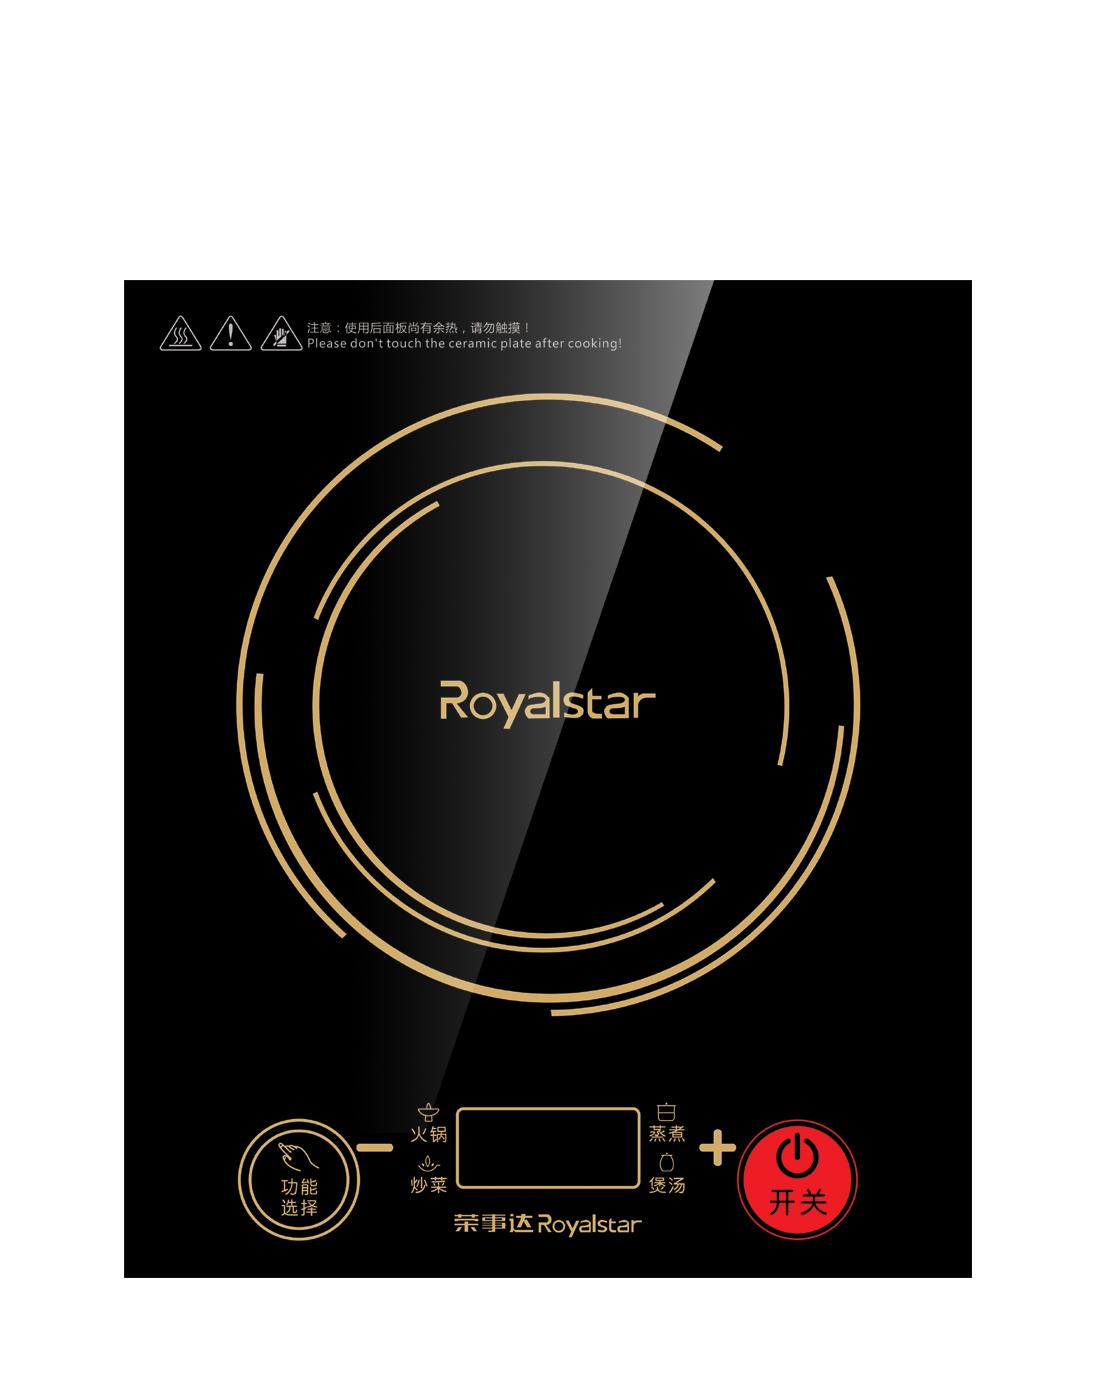 荣事达royalstar电器专场平板触摸配汤炒智能电磁炉20